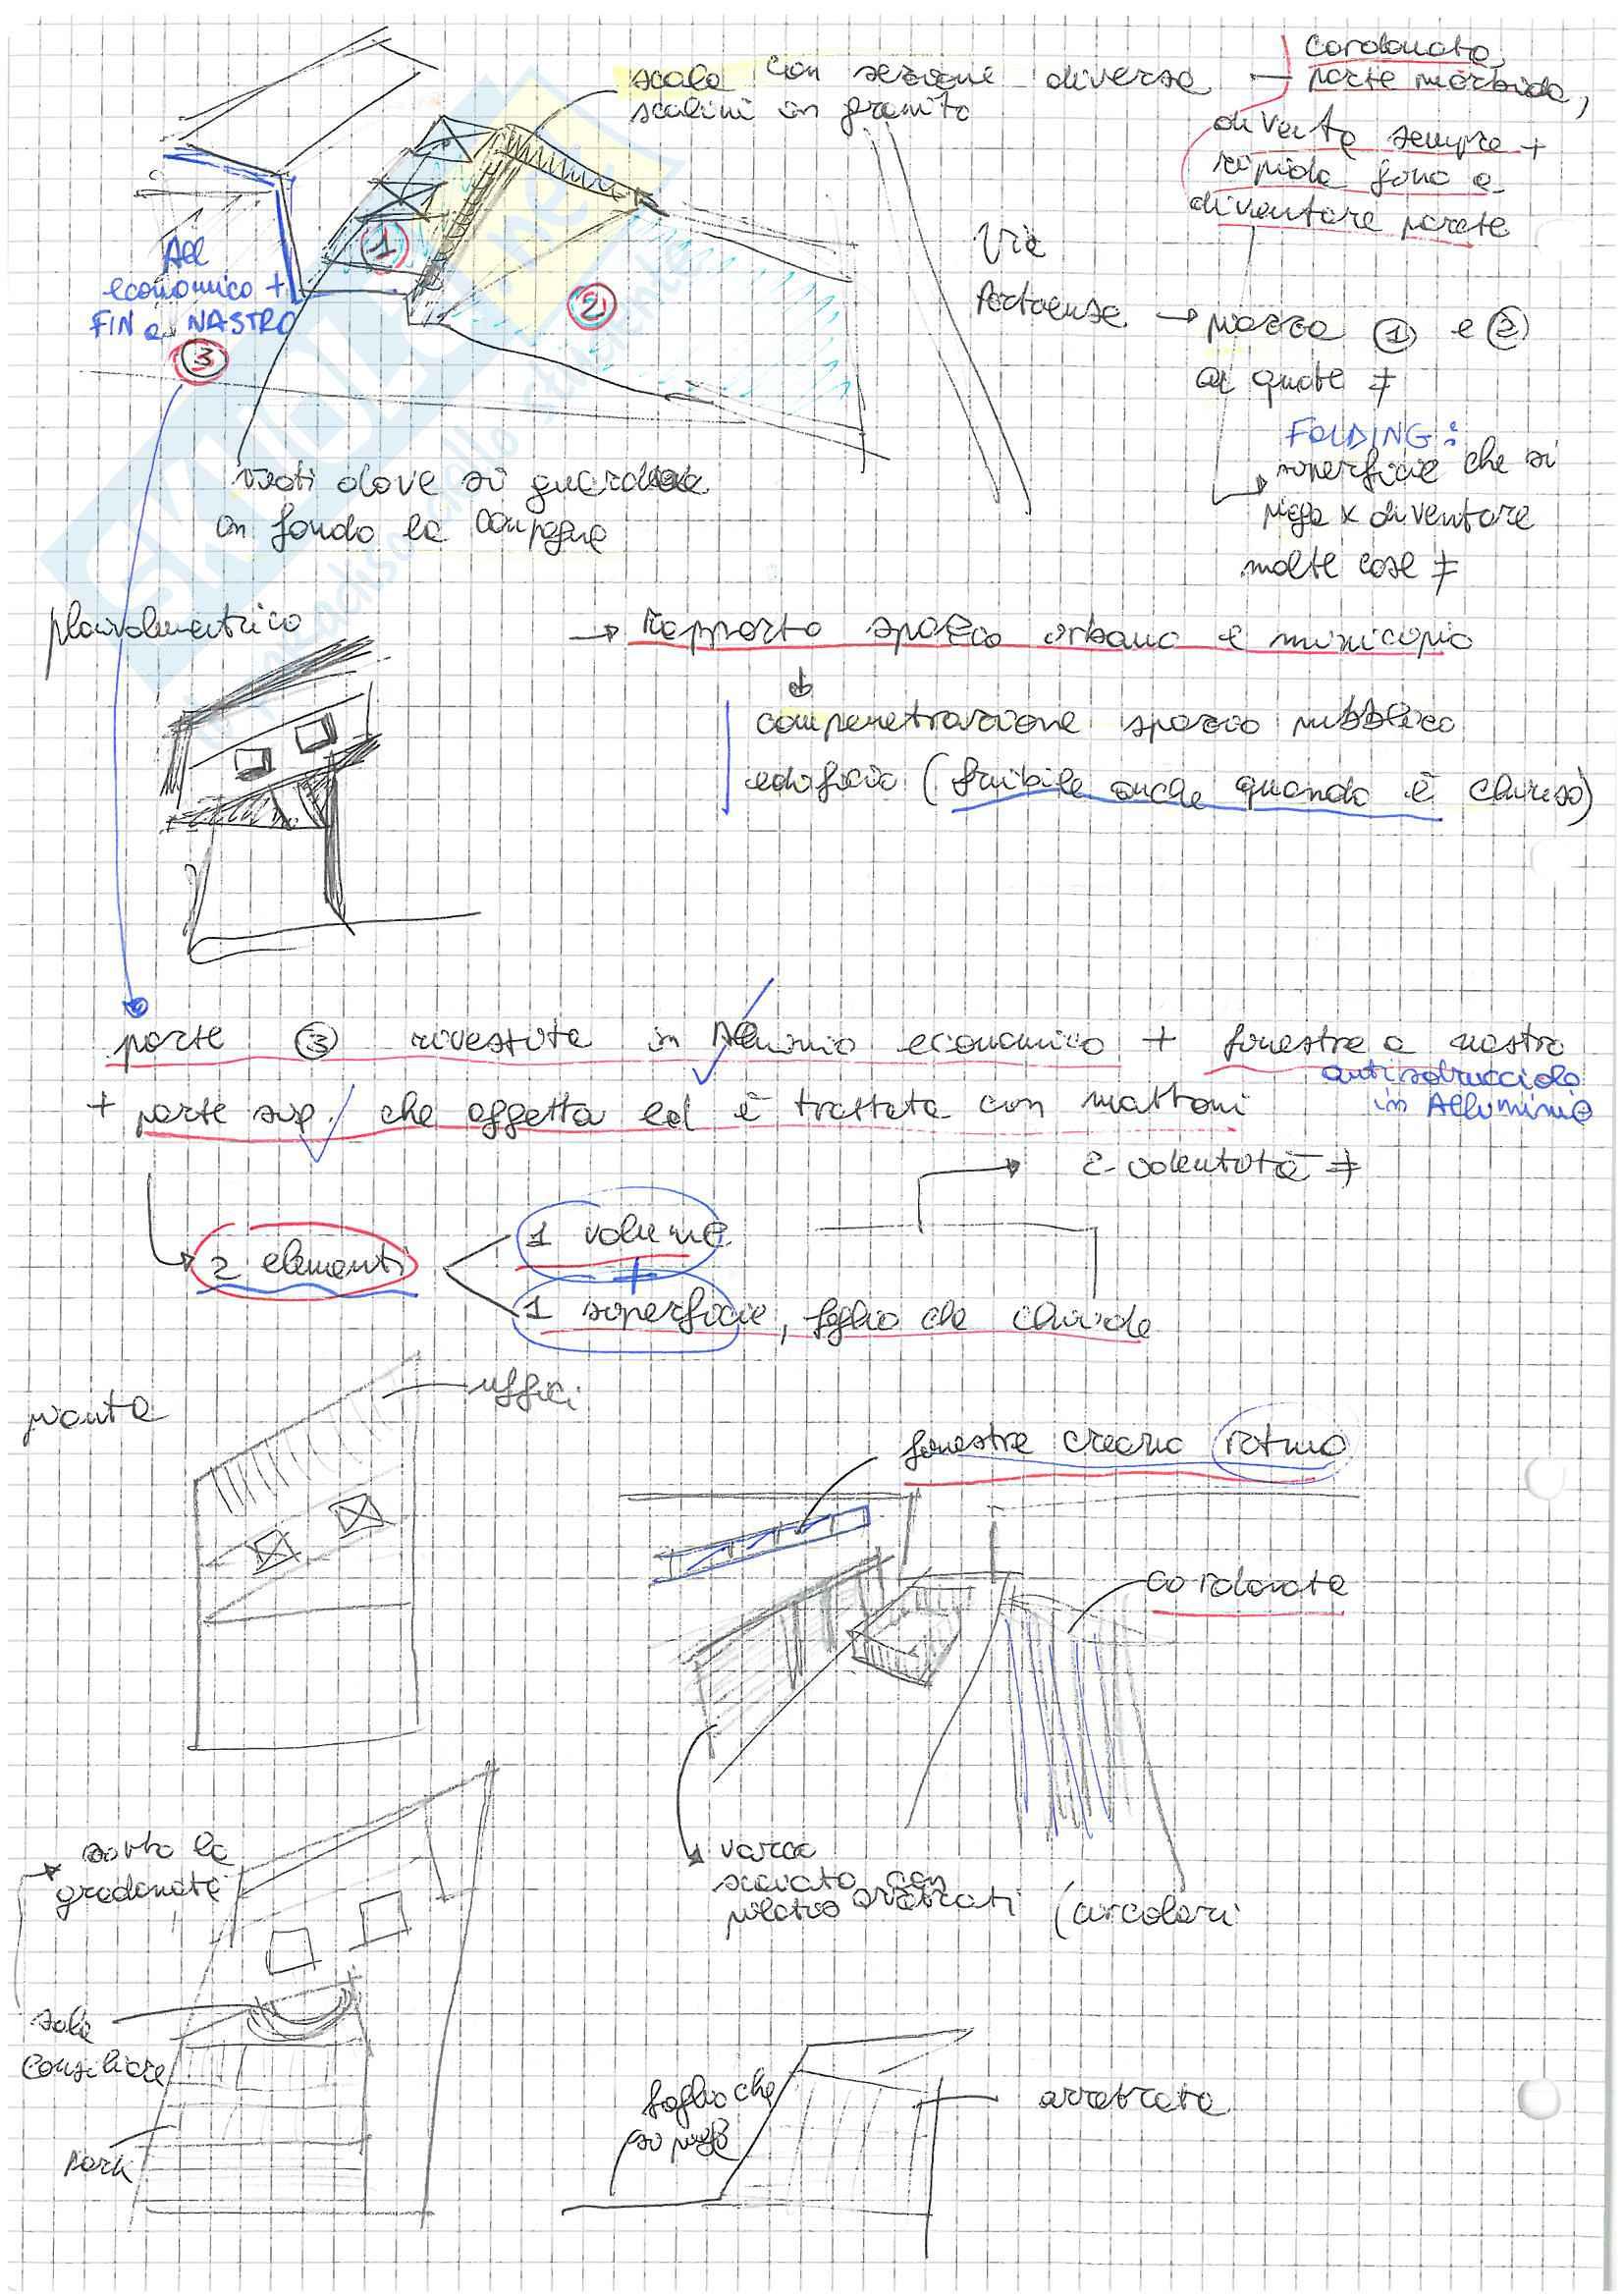 (2/2) Appunti presi a lezione di Architettura e Composizione Architettonica 2 con laboratorio progettuale, Docente: Maria Argenti Pag. 26